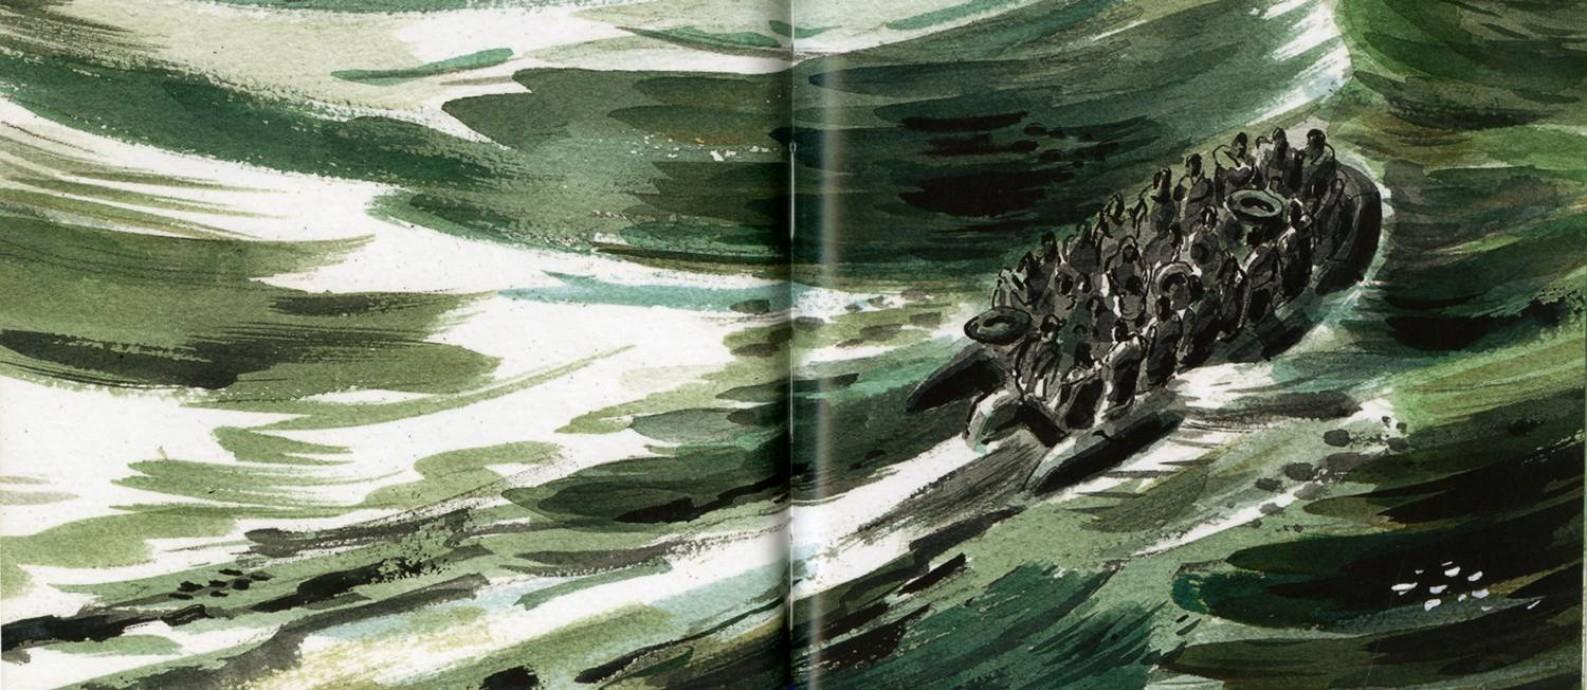 Ilustração do livro 'A memória do mar', de Khaled Hosseini Foto: Dan Williams